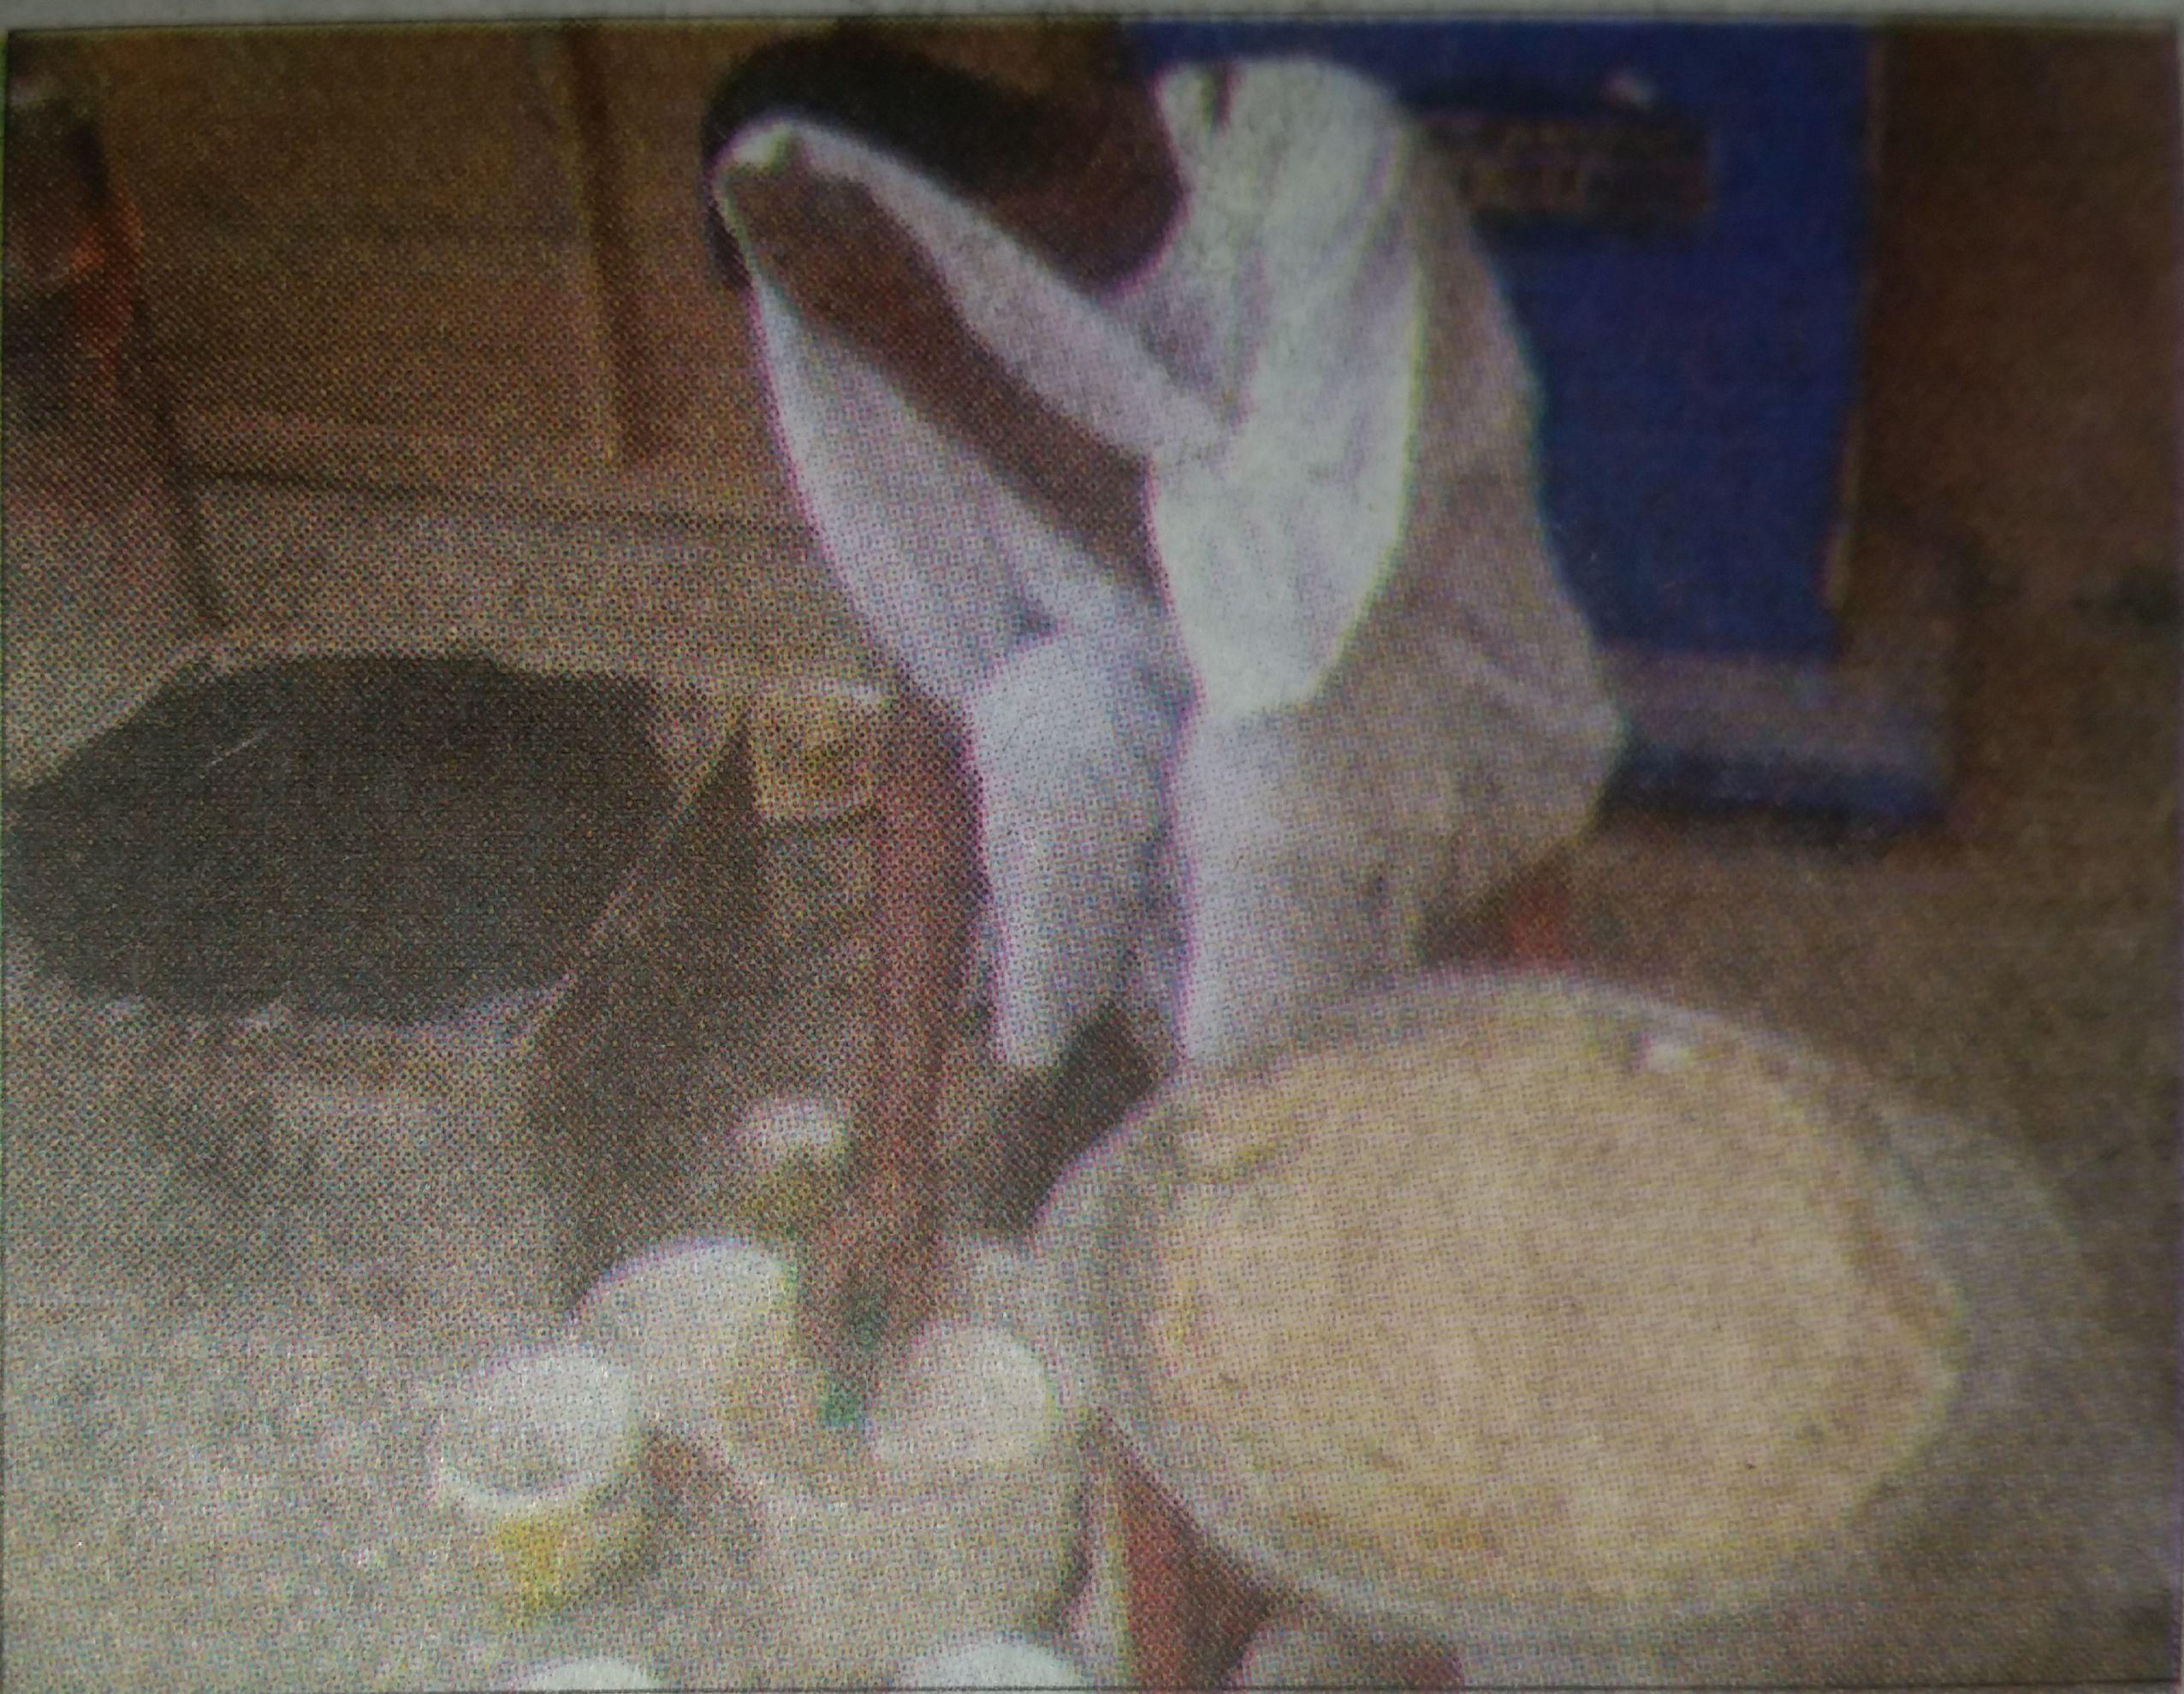 """ما بين مؤيد ومعارض .. صورة لرجل سوداني """" يعوس الكسرة """" تثير الجدل بالأسفير ..!"""